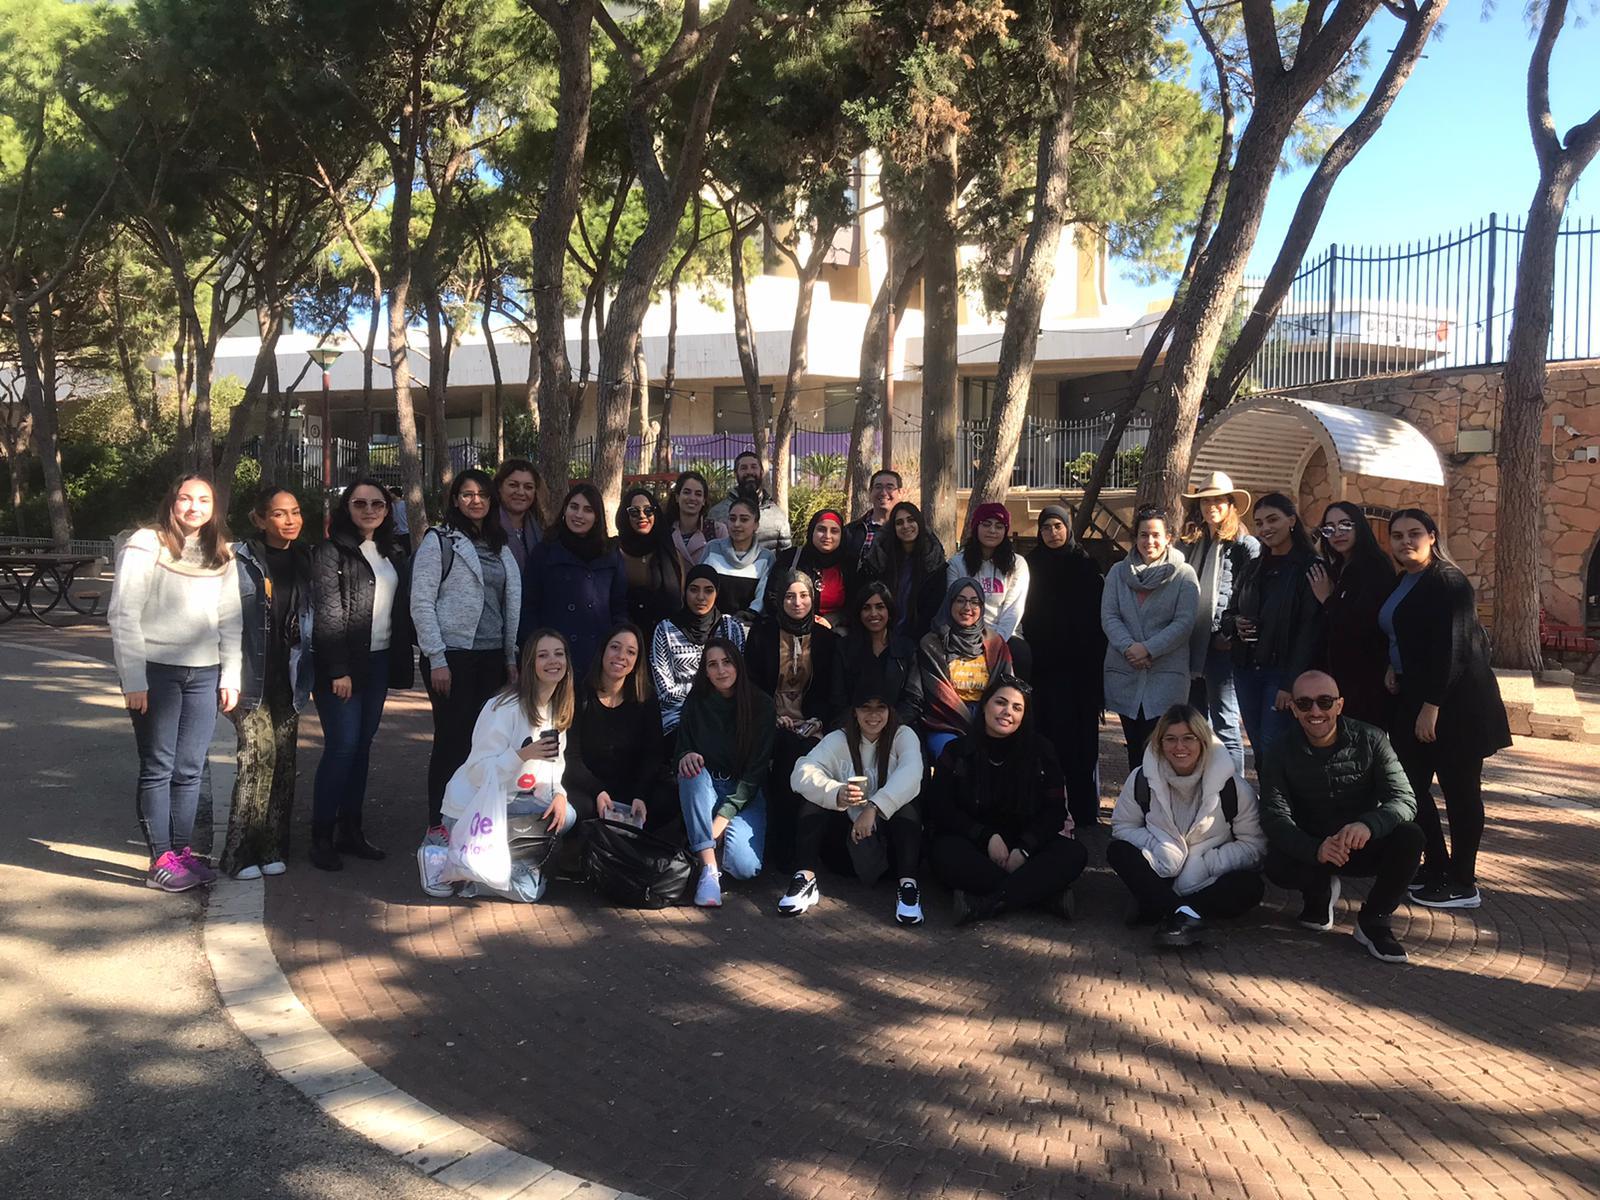 תמונה של הקבוצה מהסיור